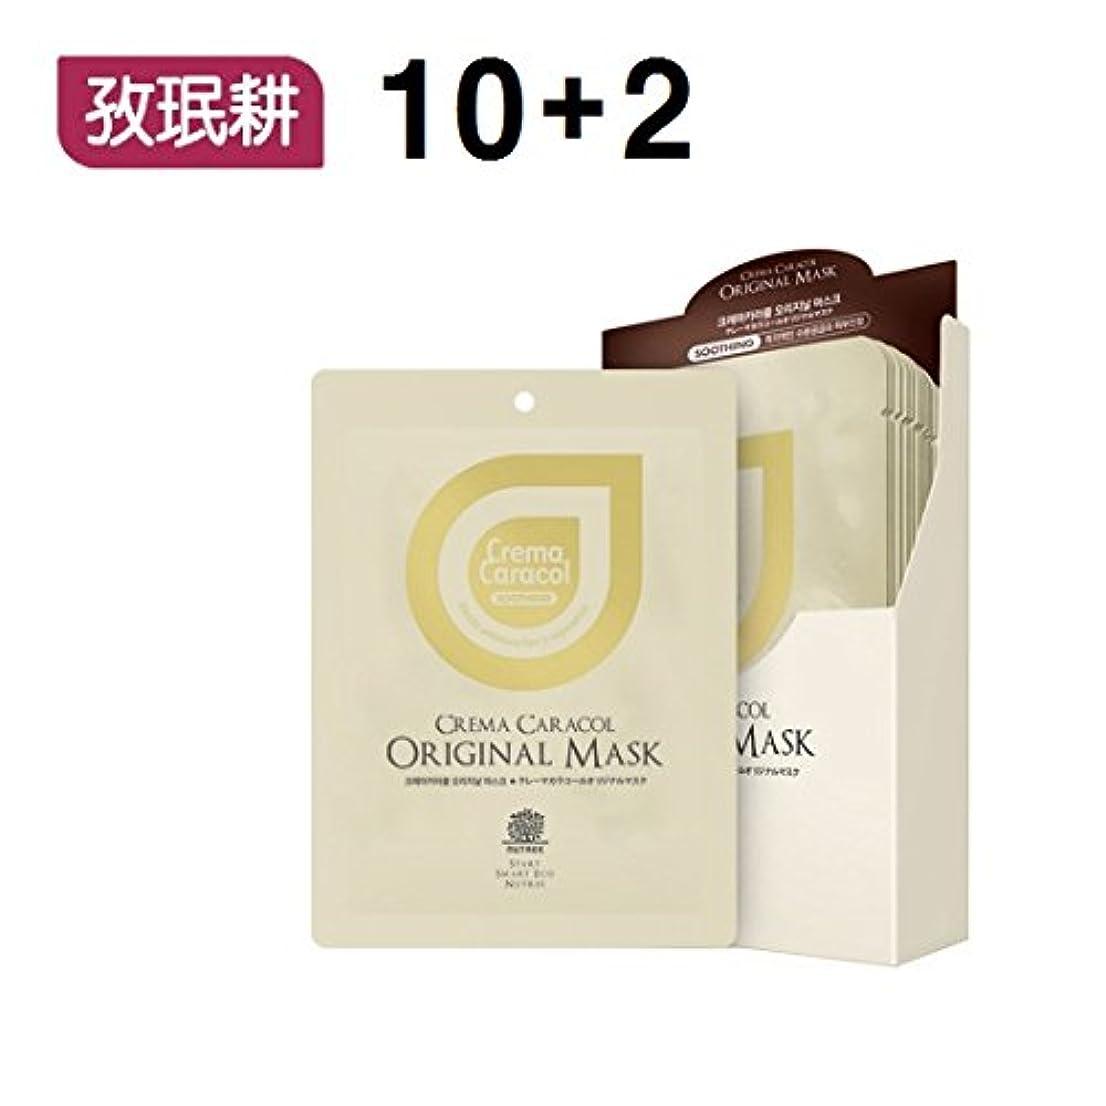 なぜ滴下ドラフトJaminkyung Crema Caracol Original Mask 10+2 / ジャミンギョン クレマカラコールオリジナルマスク 10+2 [並行輸入品]